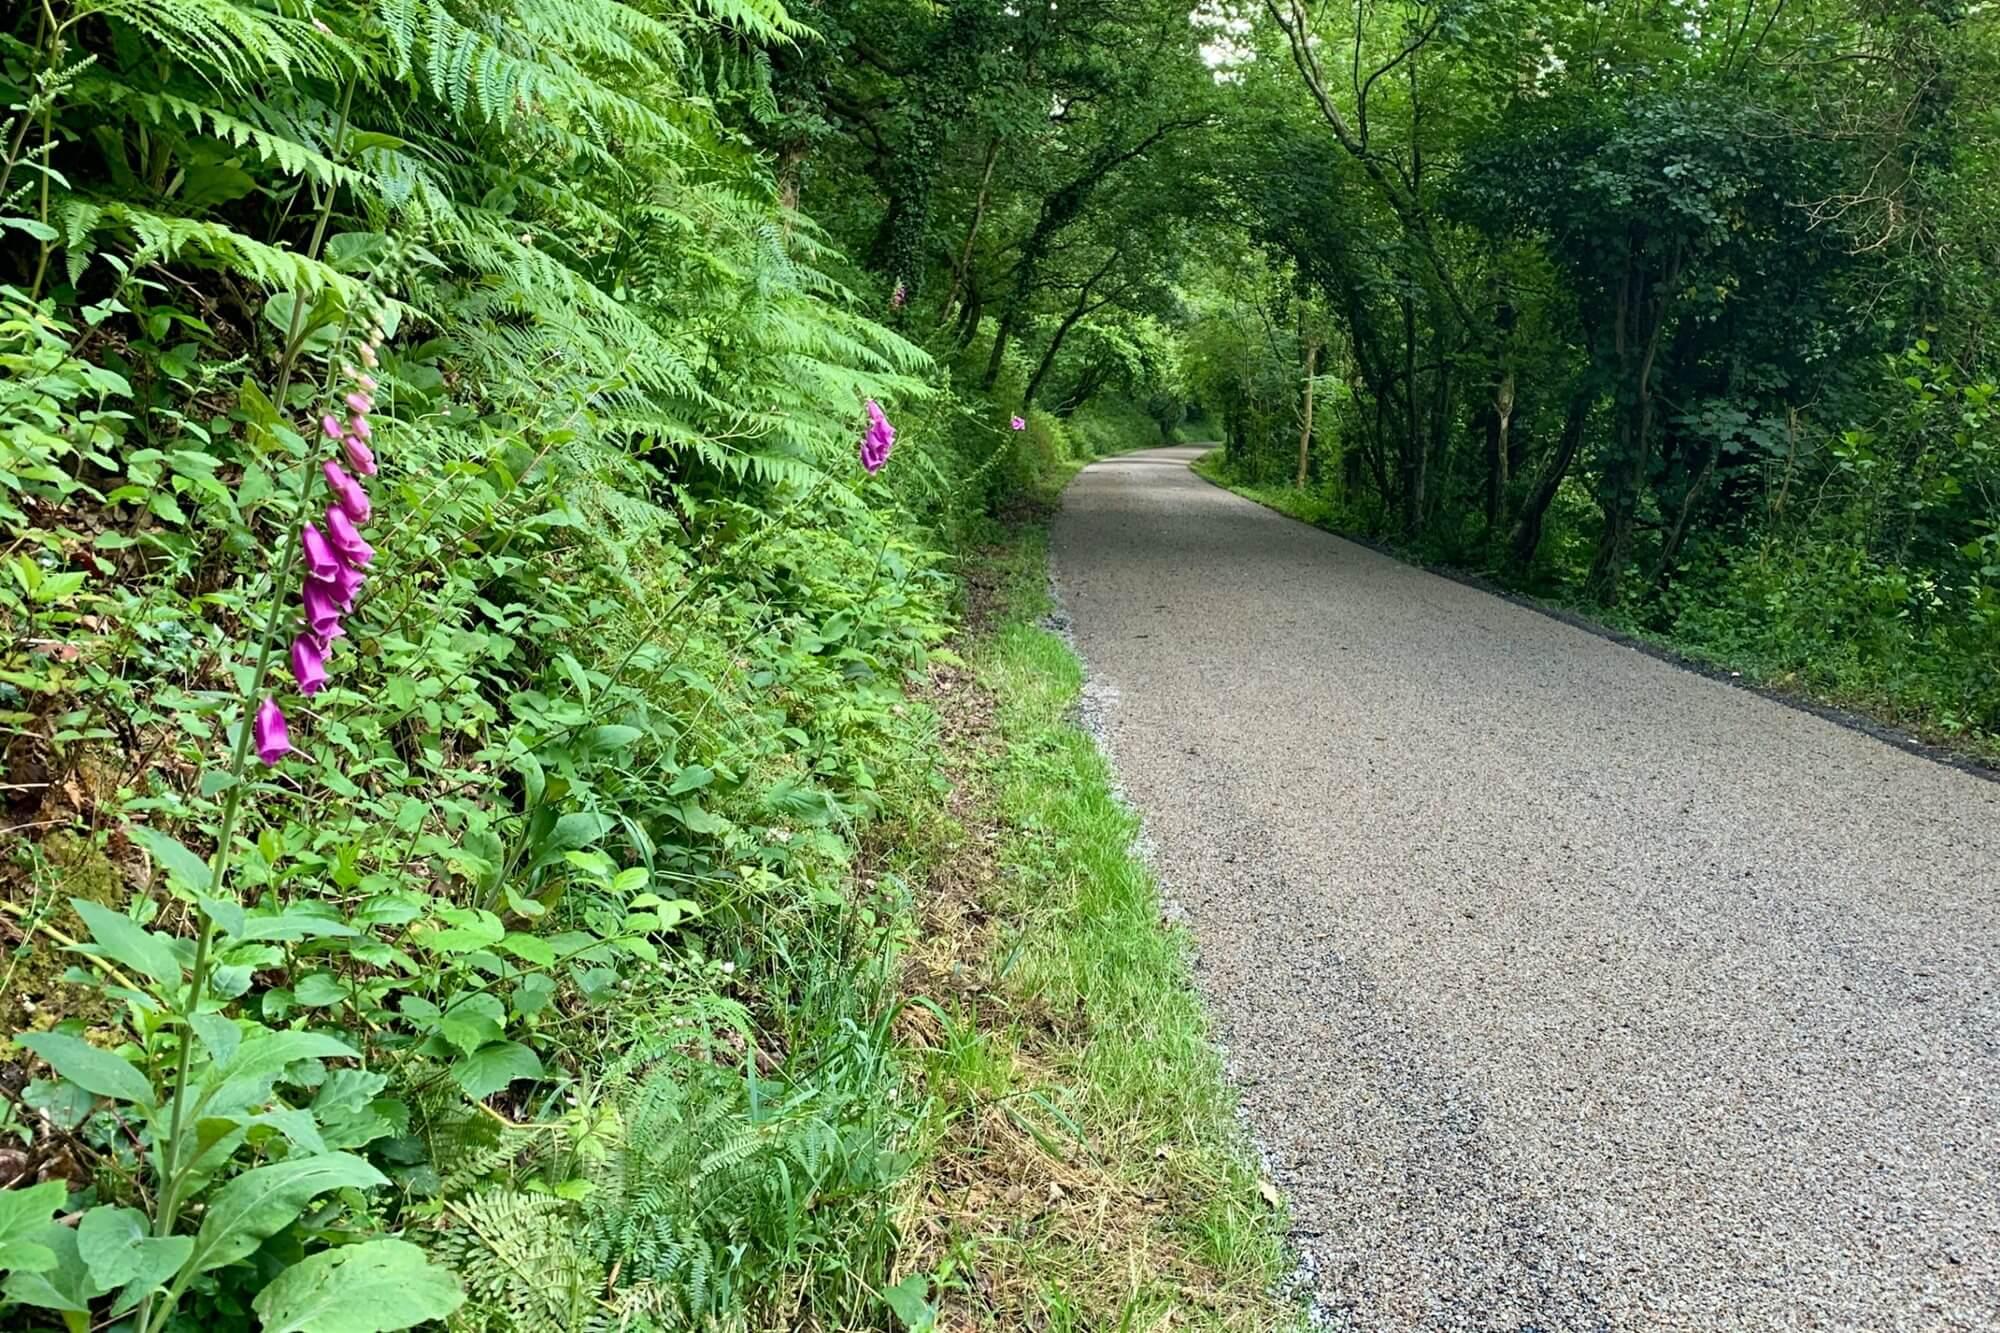 Grogley Halt to Dunmere